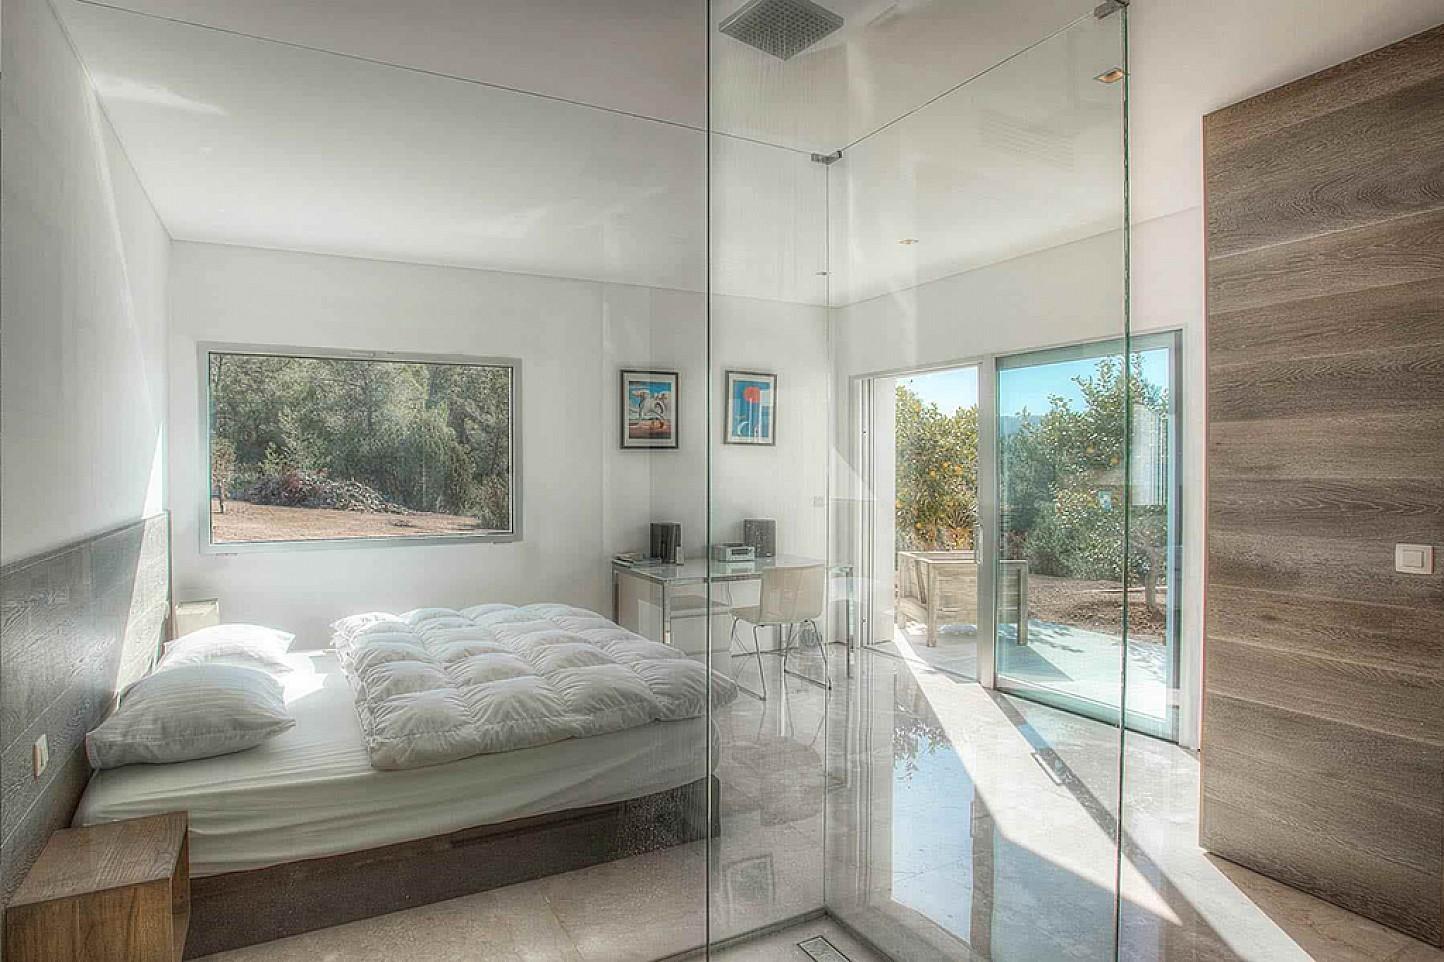 Dormitorio amplio con acceso a la terraza